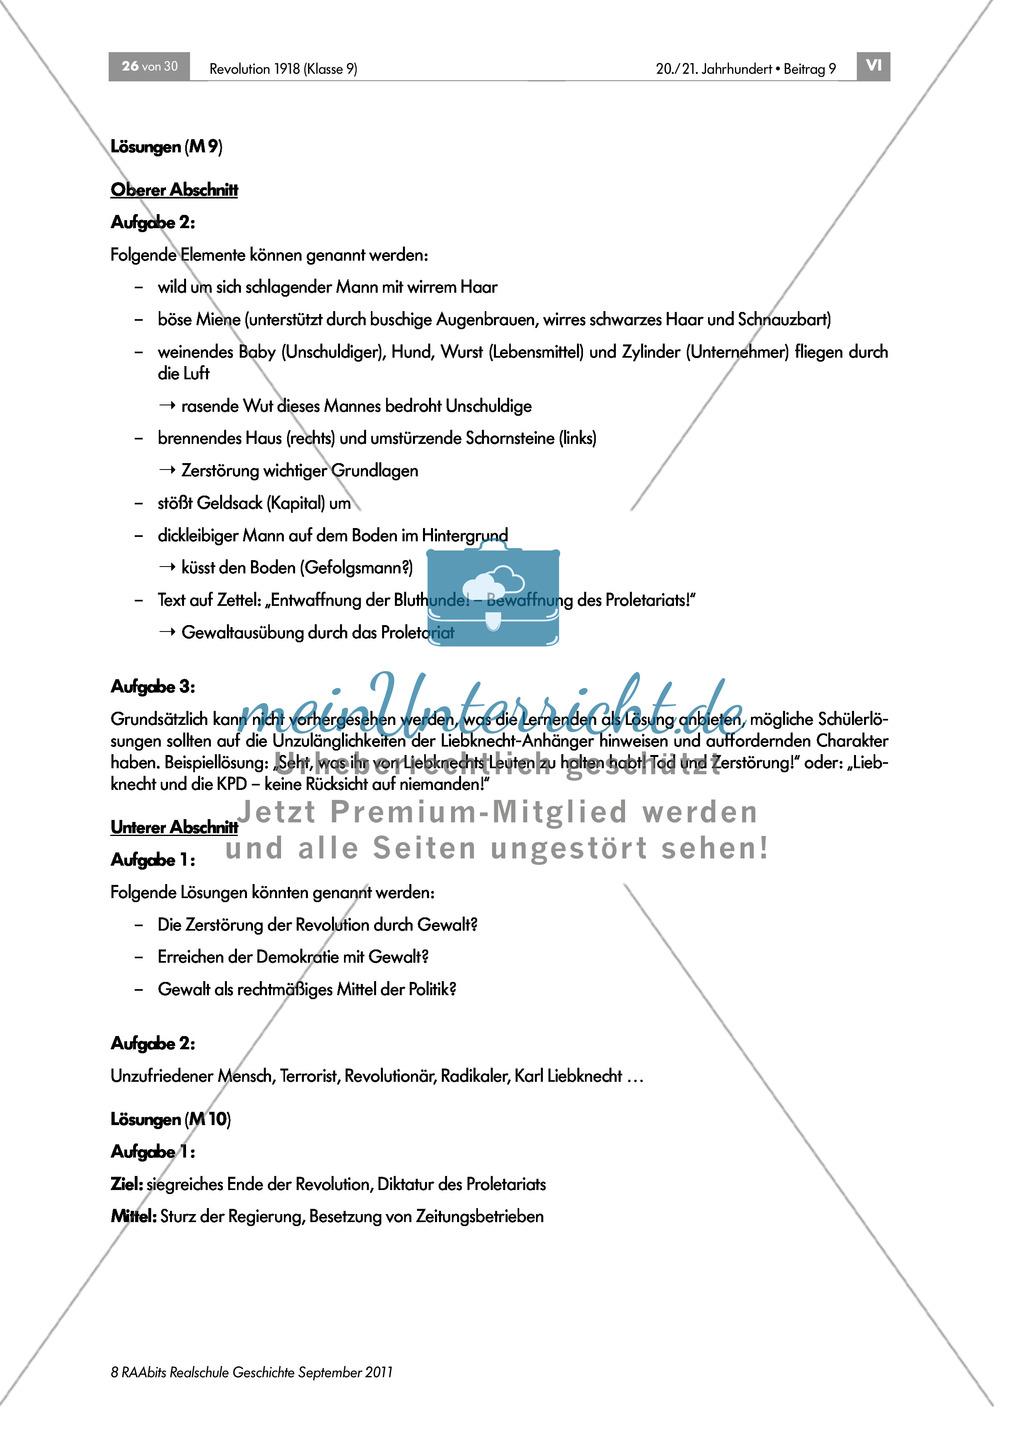 Quellen, Plakate, Flugblätter zum Spartakusbund und zur KPD in der Weimarer Republik mit Aufgaben Preview 8